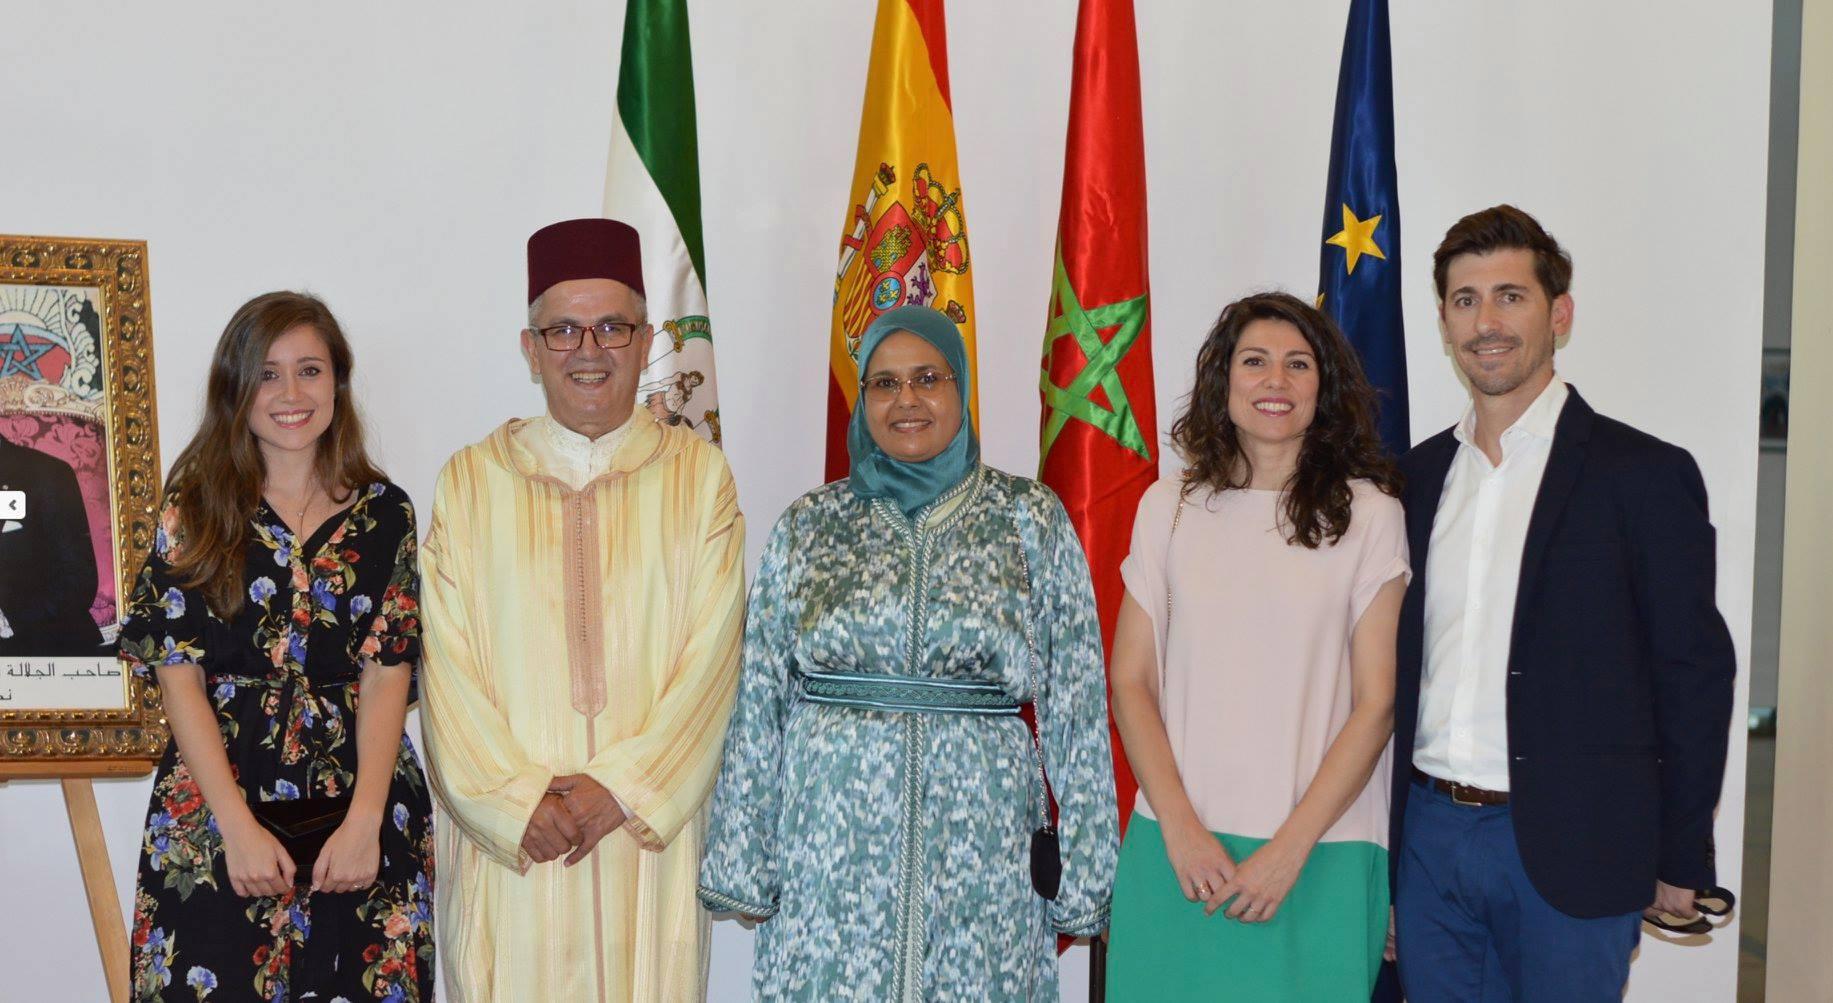 Plus Berries asiste a la fiesta de ascensión al Trono organizada por el cónsul de Marruecos